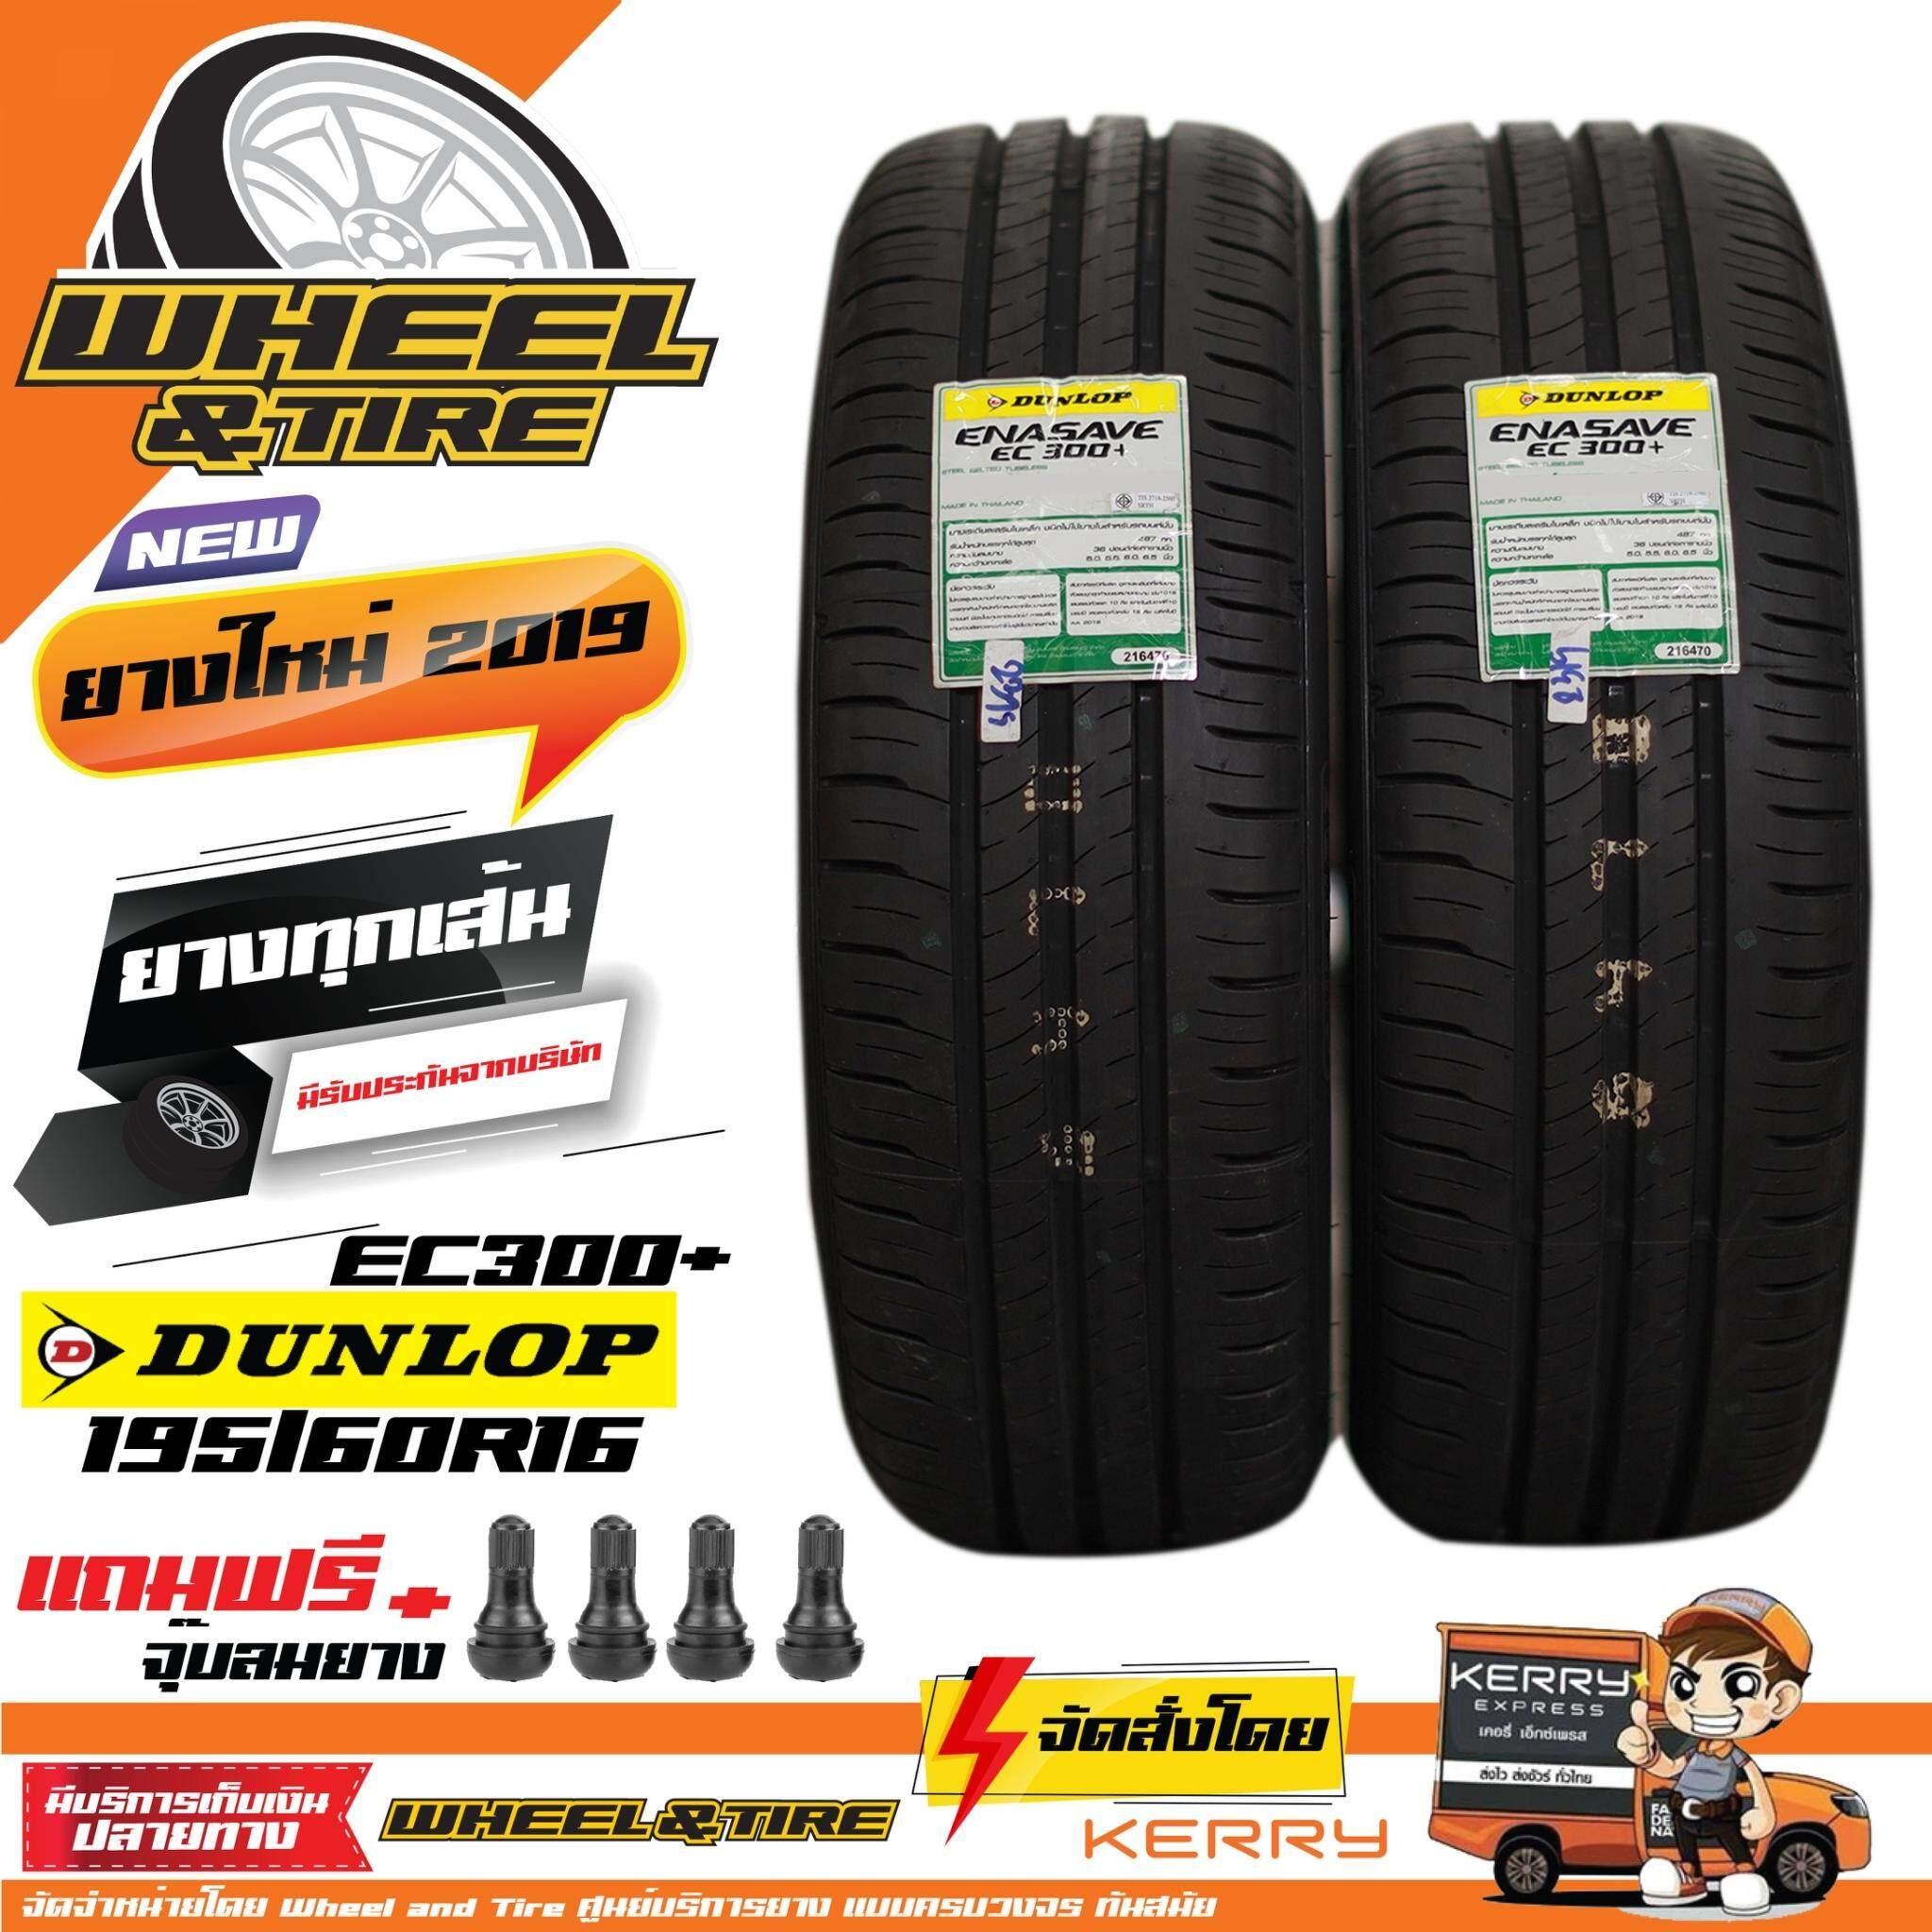 พิจิตร Dunlop ยางรถยนต์ 195/60R16 รุ่น EC300+ จำนวน 2 เส้น ยางใหม่ปี 2019  แถมฟรีจุ๊บลมยาง  2 ชิ้น